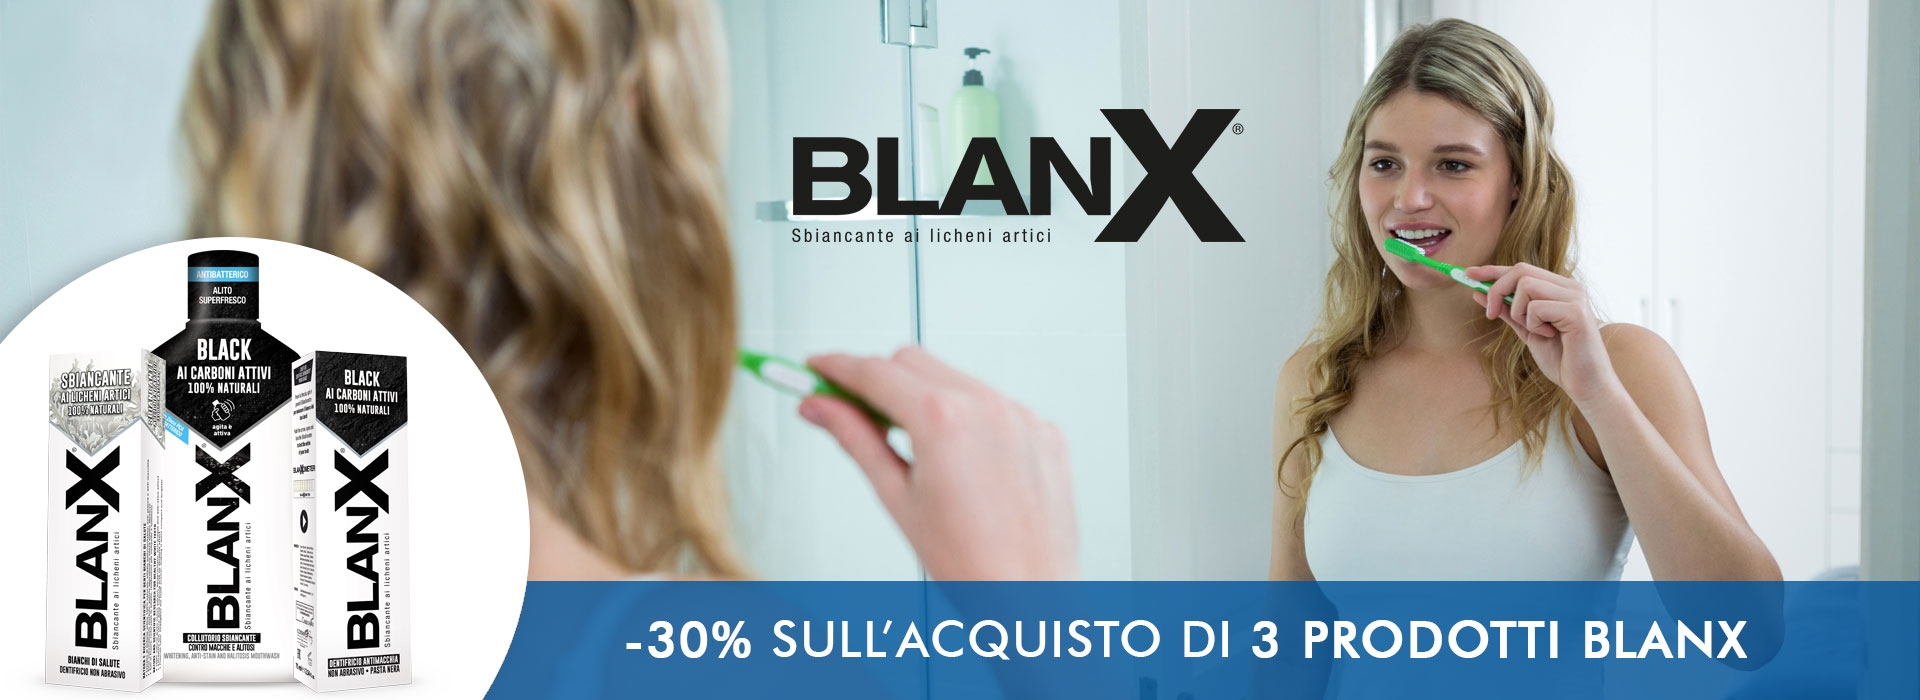 Blanx 3pz -30%